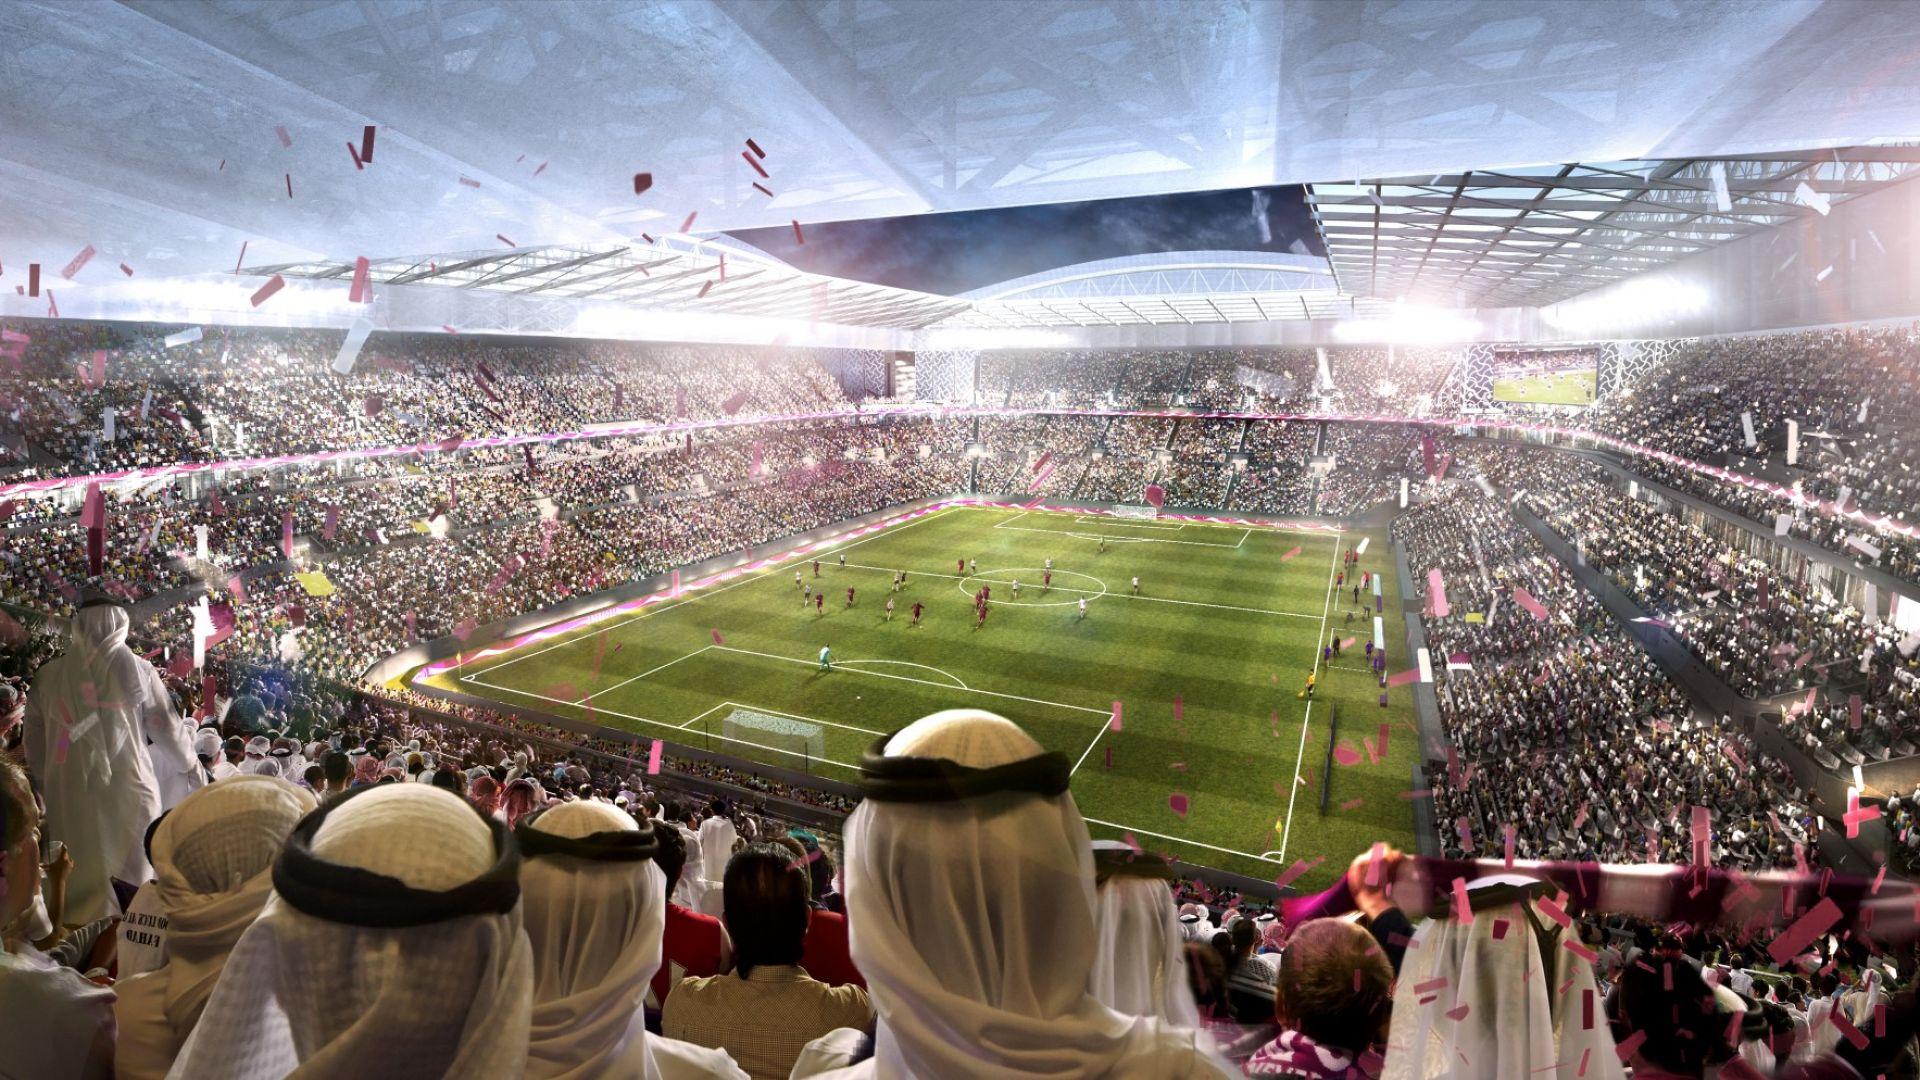 Нов сериозен скандал около кандидатурата на Катар за Мондиала